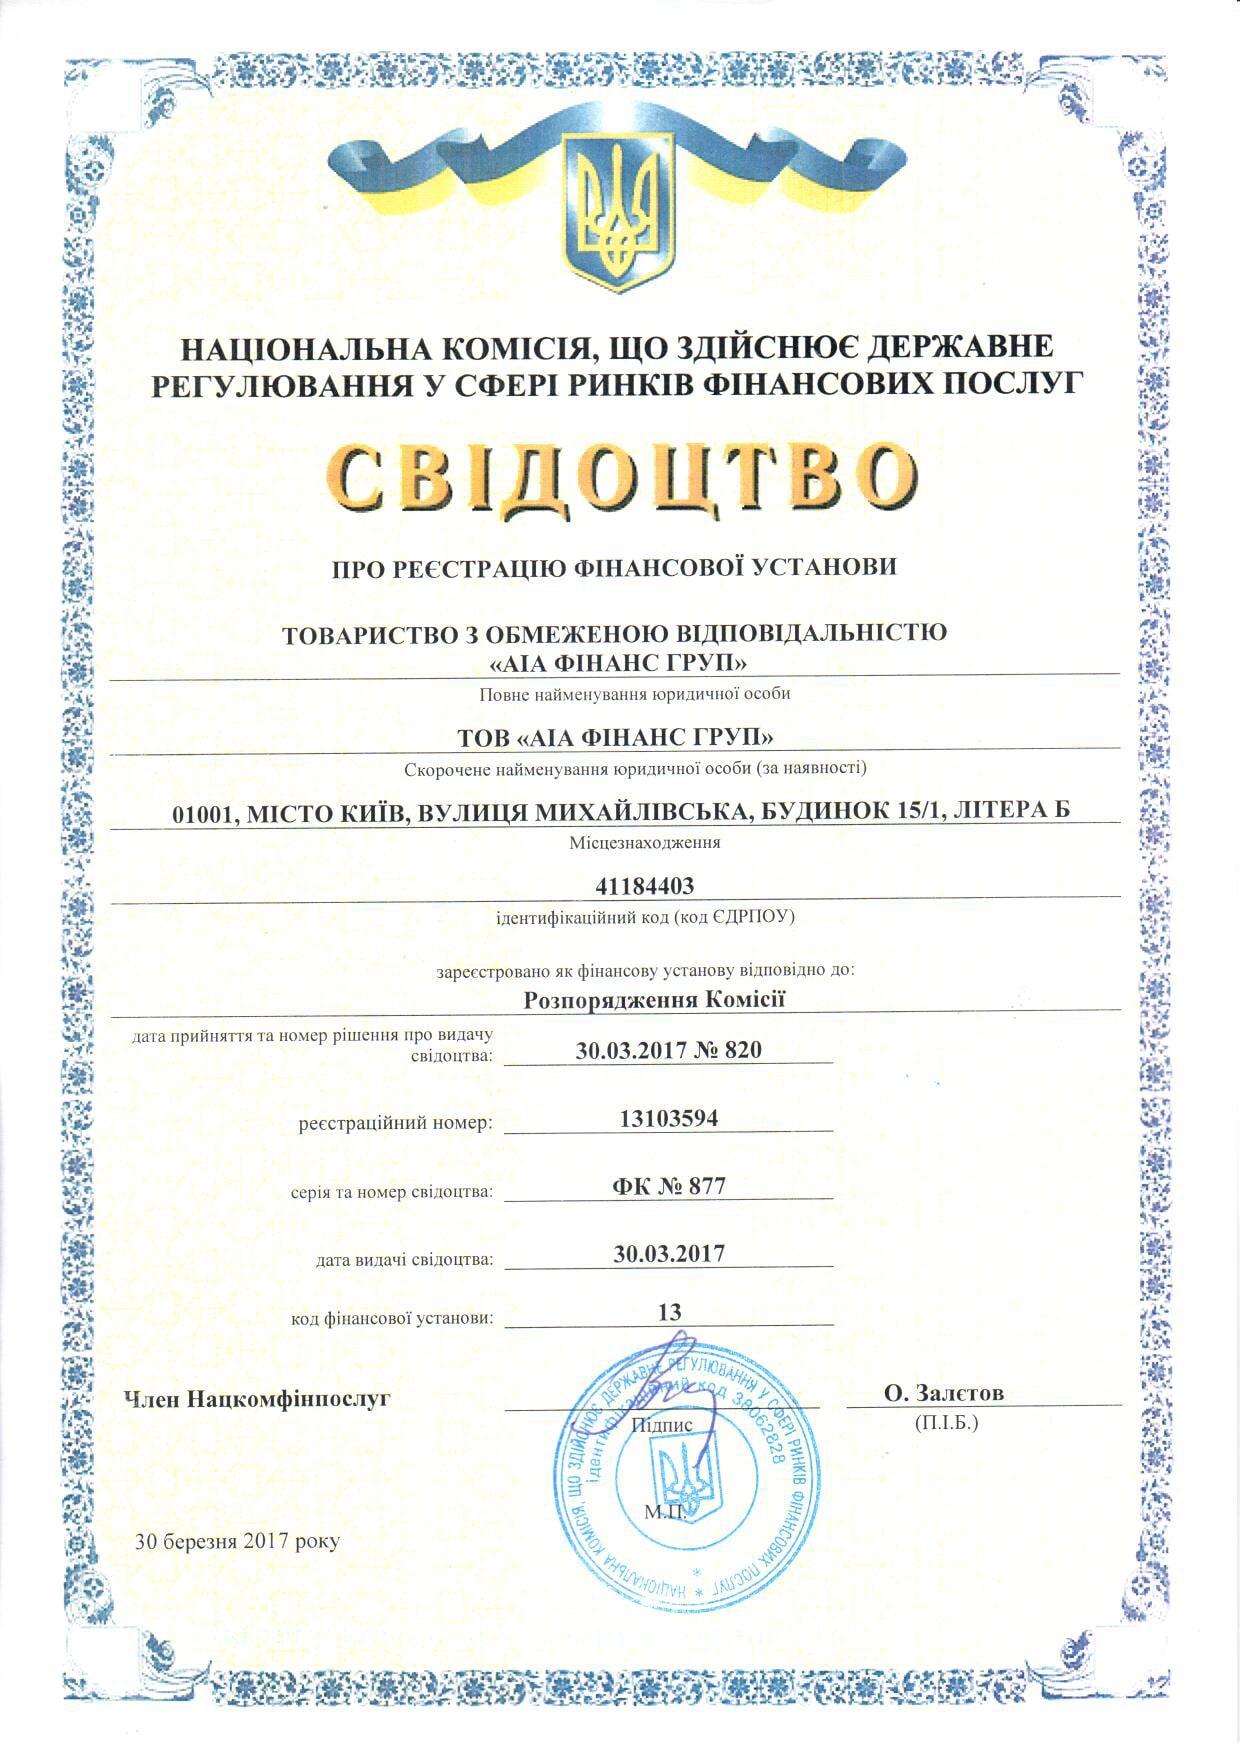 Свидетельство о регистрации финансовой организации на сайте Credit365